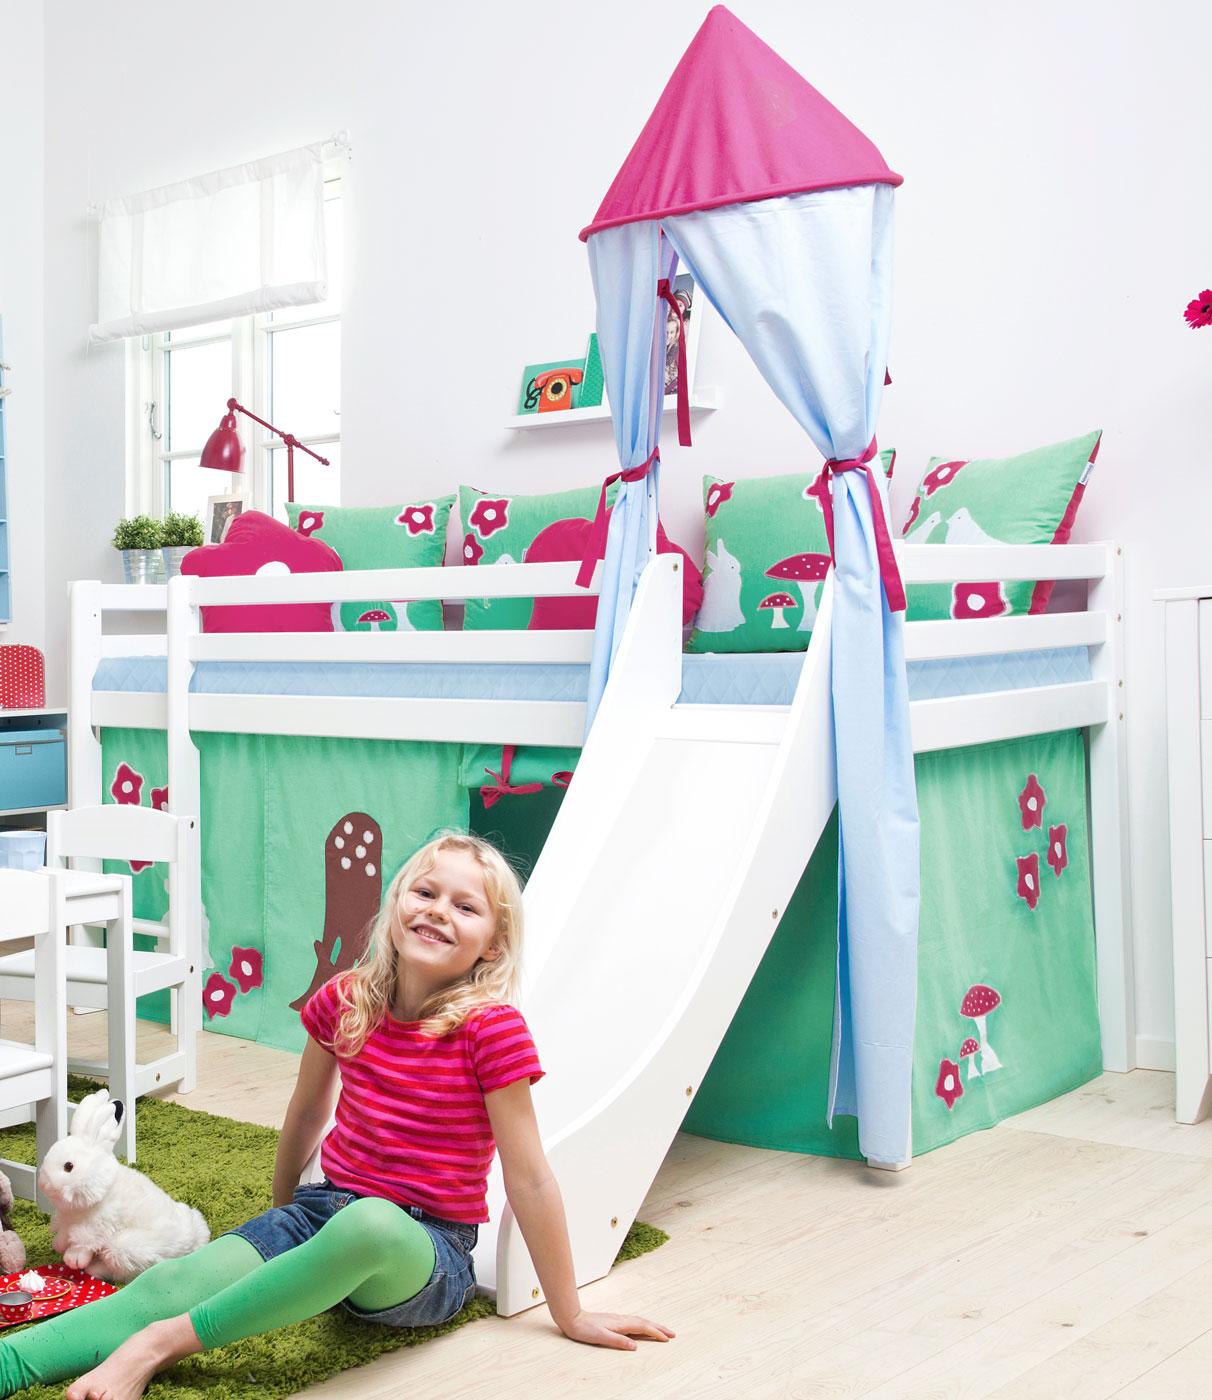 26 kinderbett mit rutsche hochbett spielplatz bilder hochbett mit rutsche einrichtungsideen fur. Black Bedroom Furniture Sets. Home Design Ideas